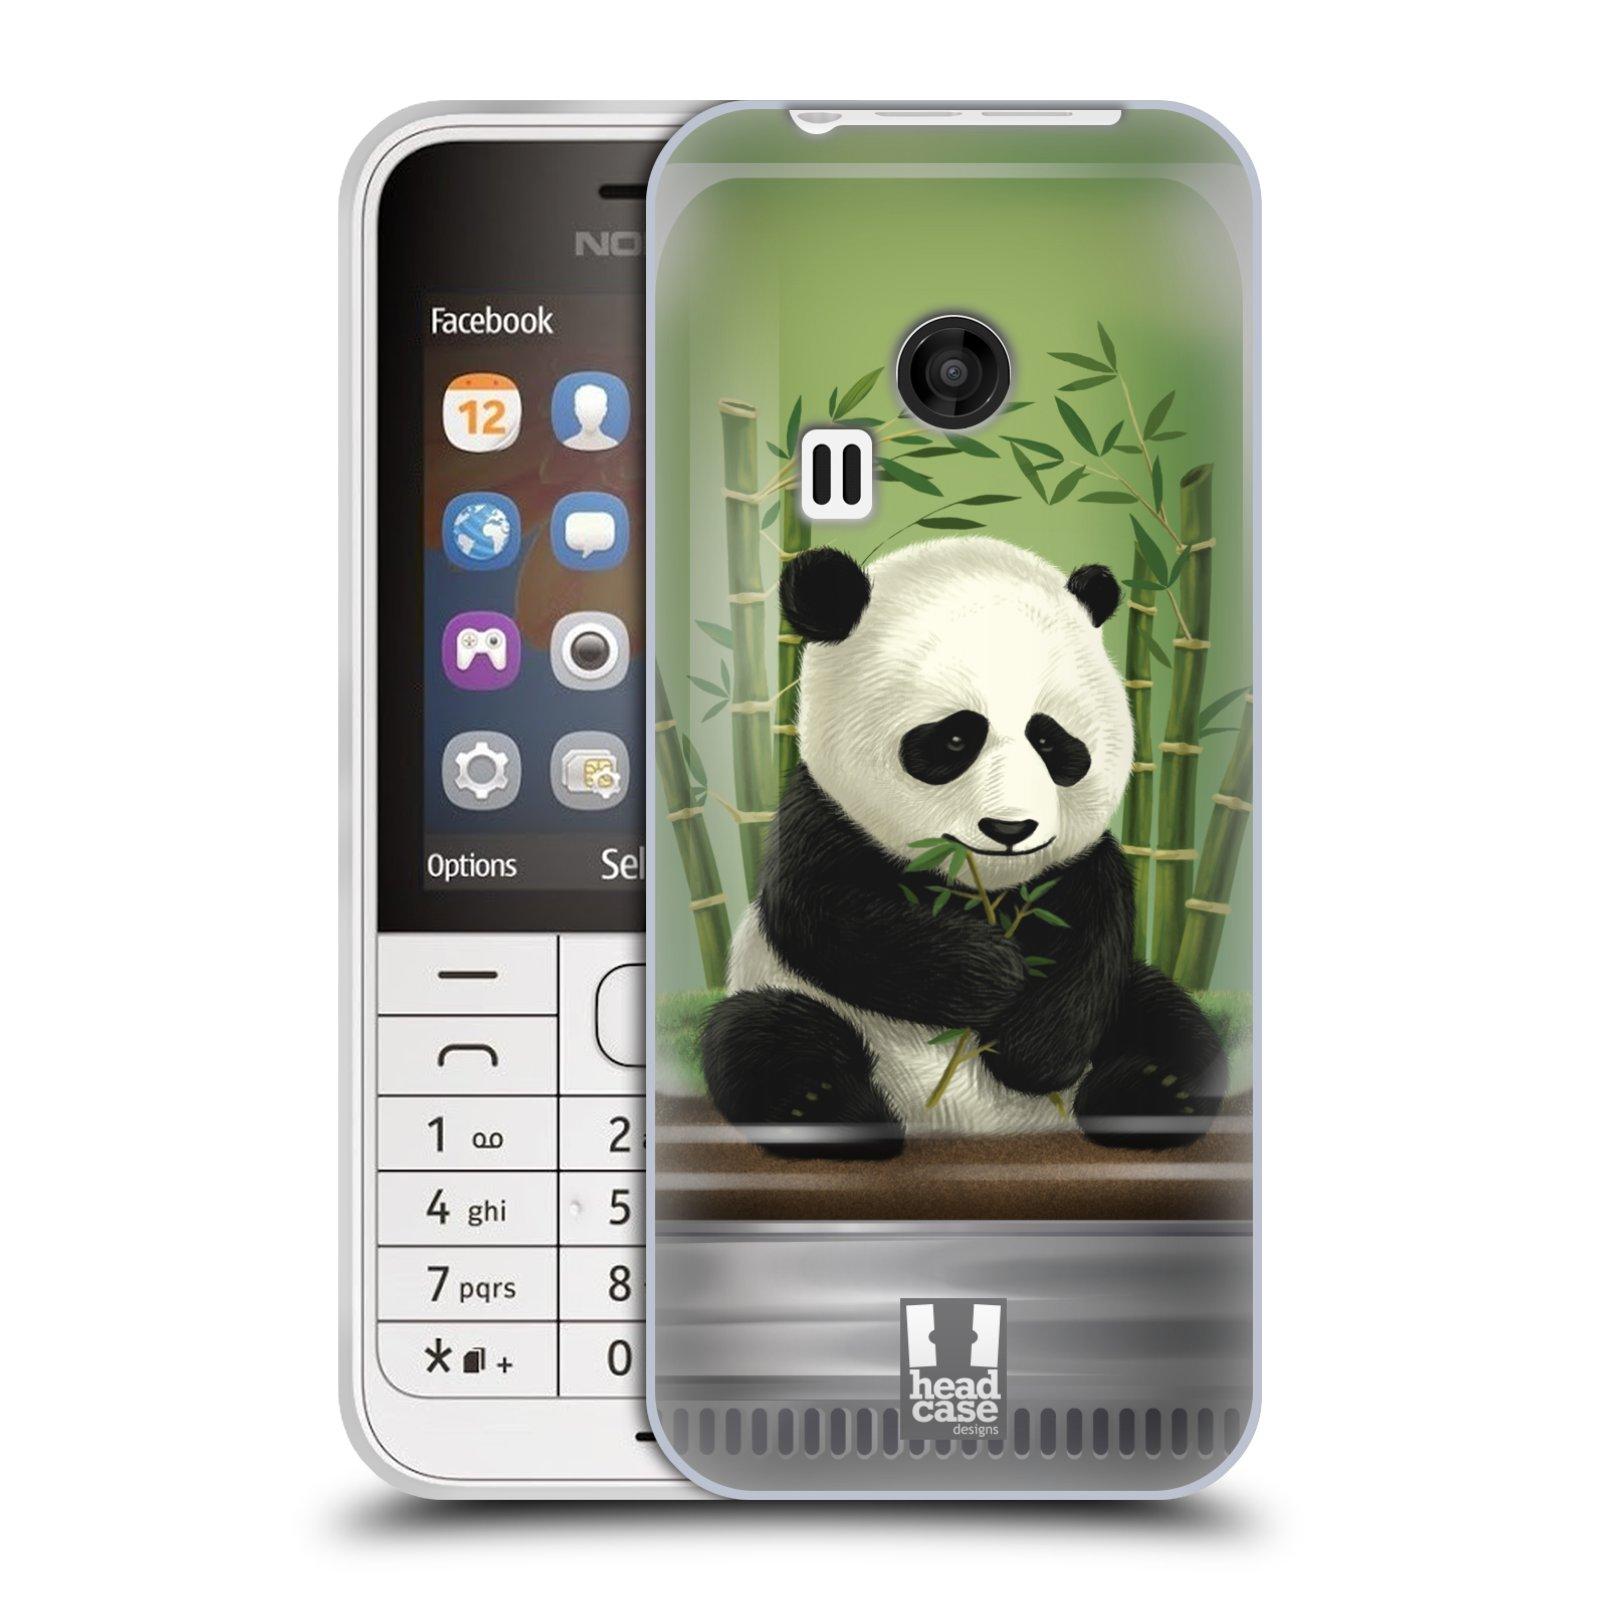 HEAD CASE silikonový obal na mobil NOKIA 220 / NOKIA 220 DUAL SIM vzor Zvířátka v těžítku panda